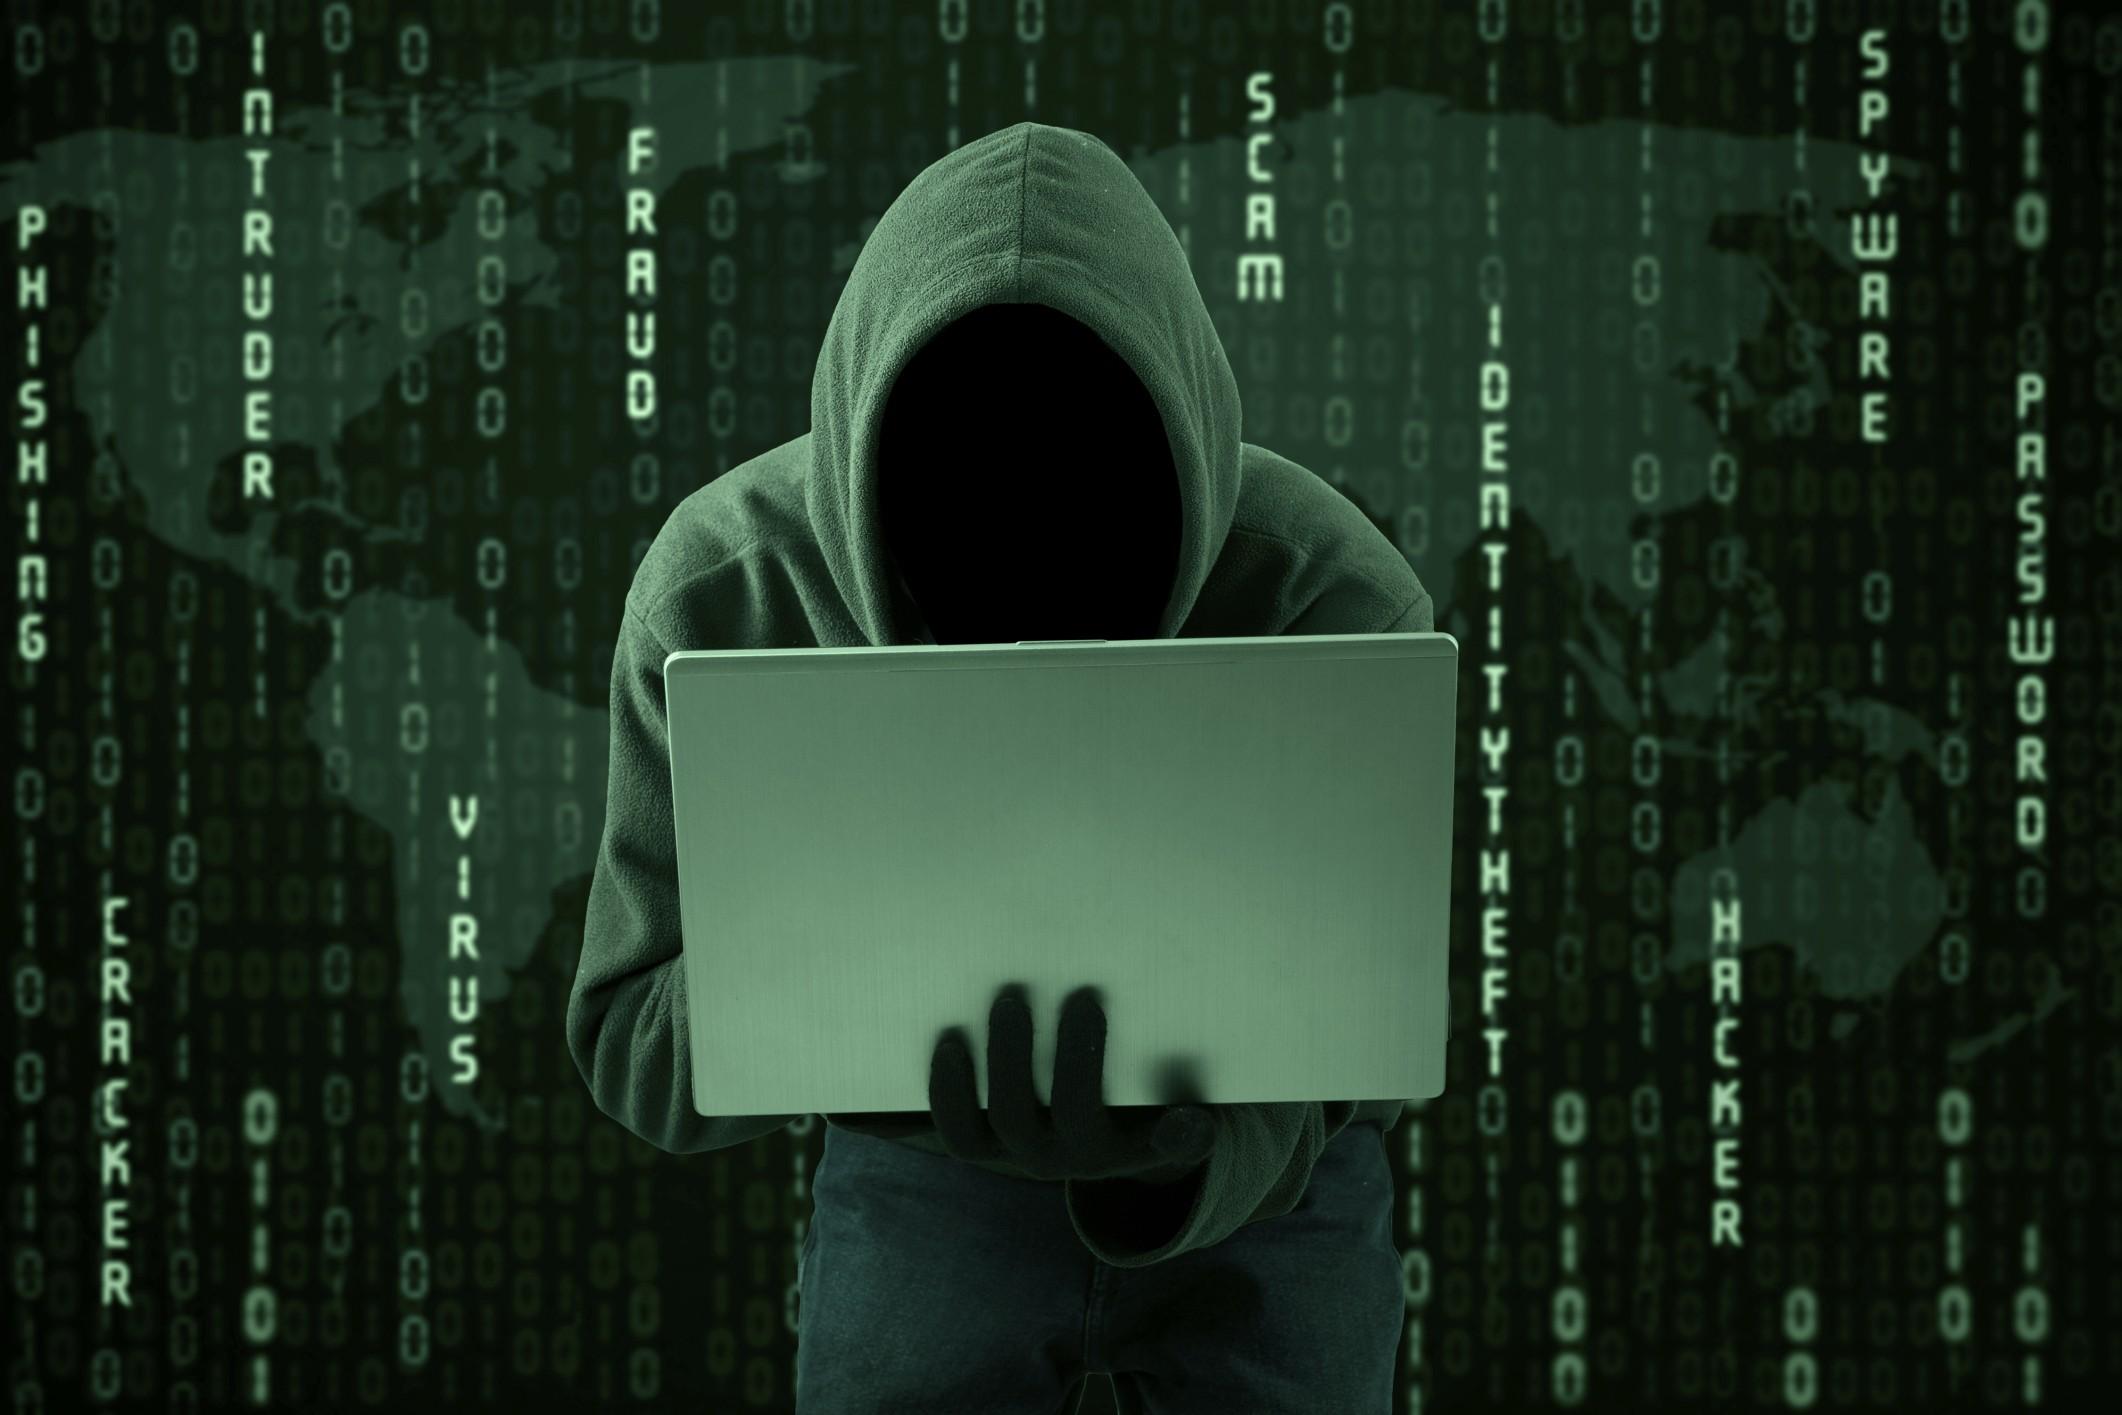 ВСША арестовали русского хакера-грабителя